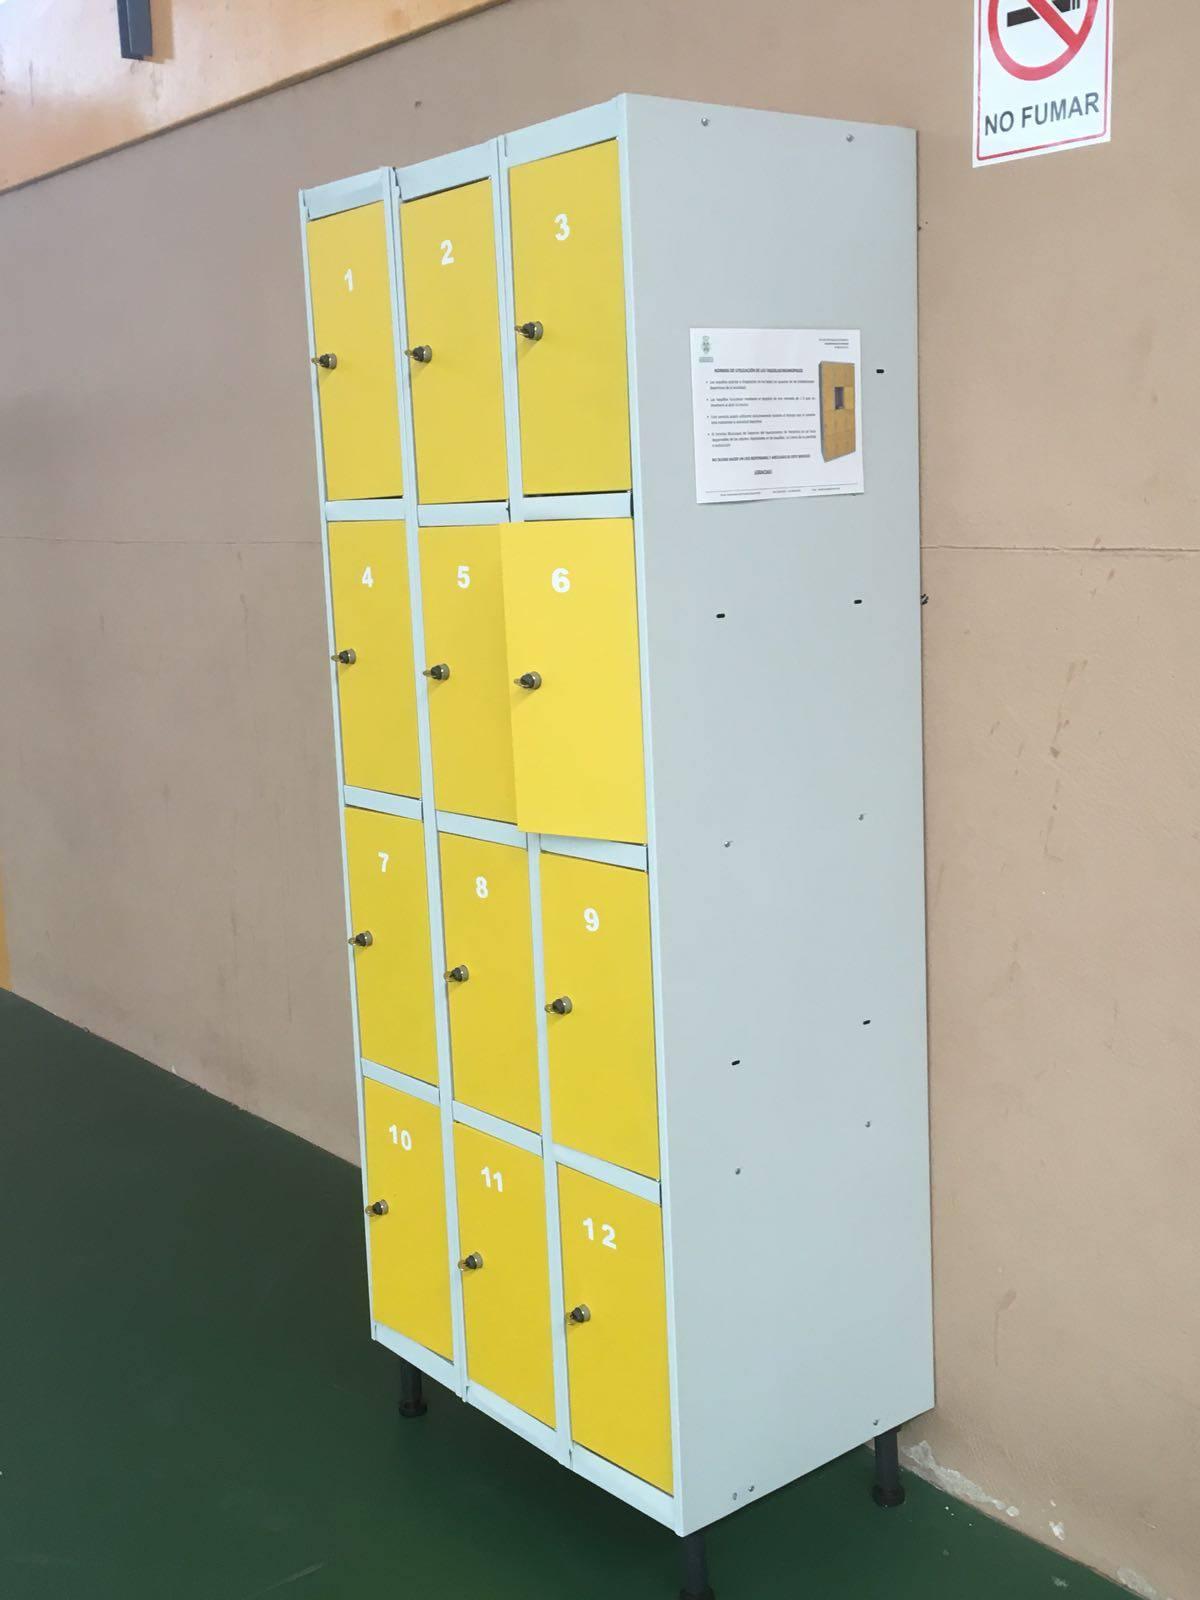 taquillas instalaciones deportivas herencia 3 - Instalación de taquillas en instalaciones deportivas